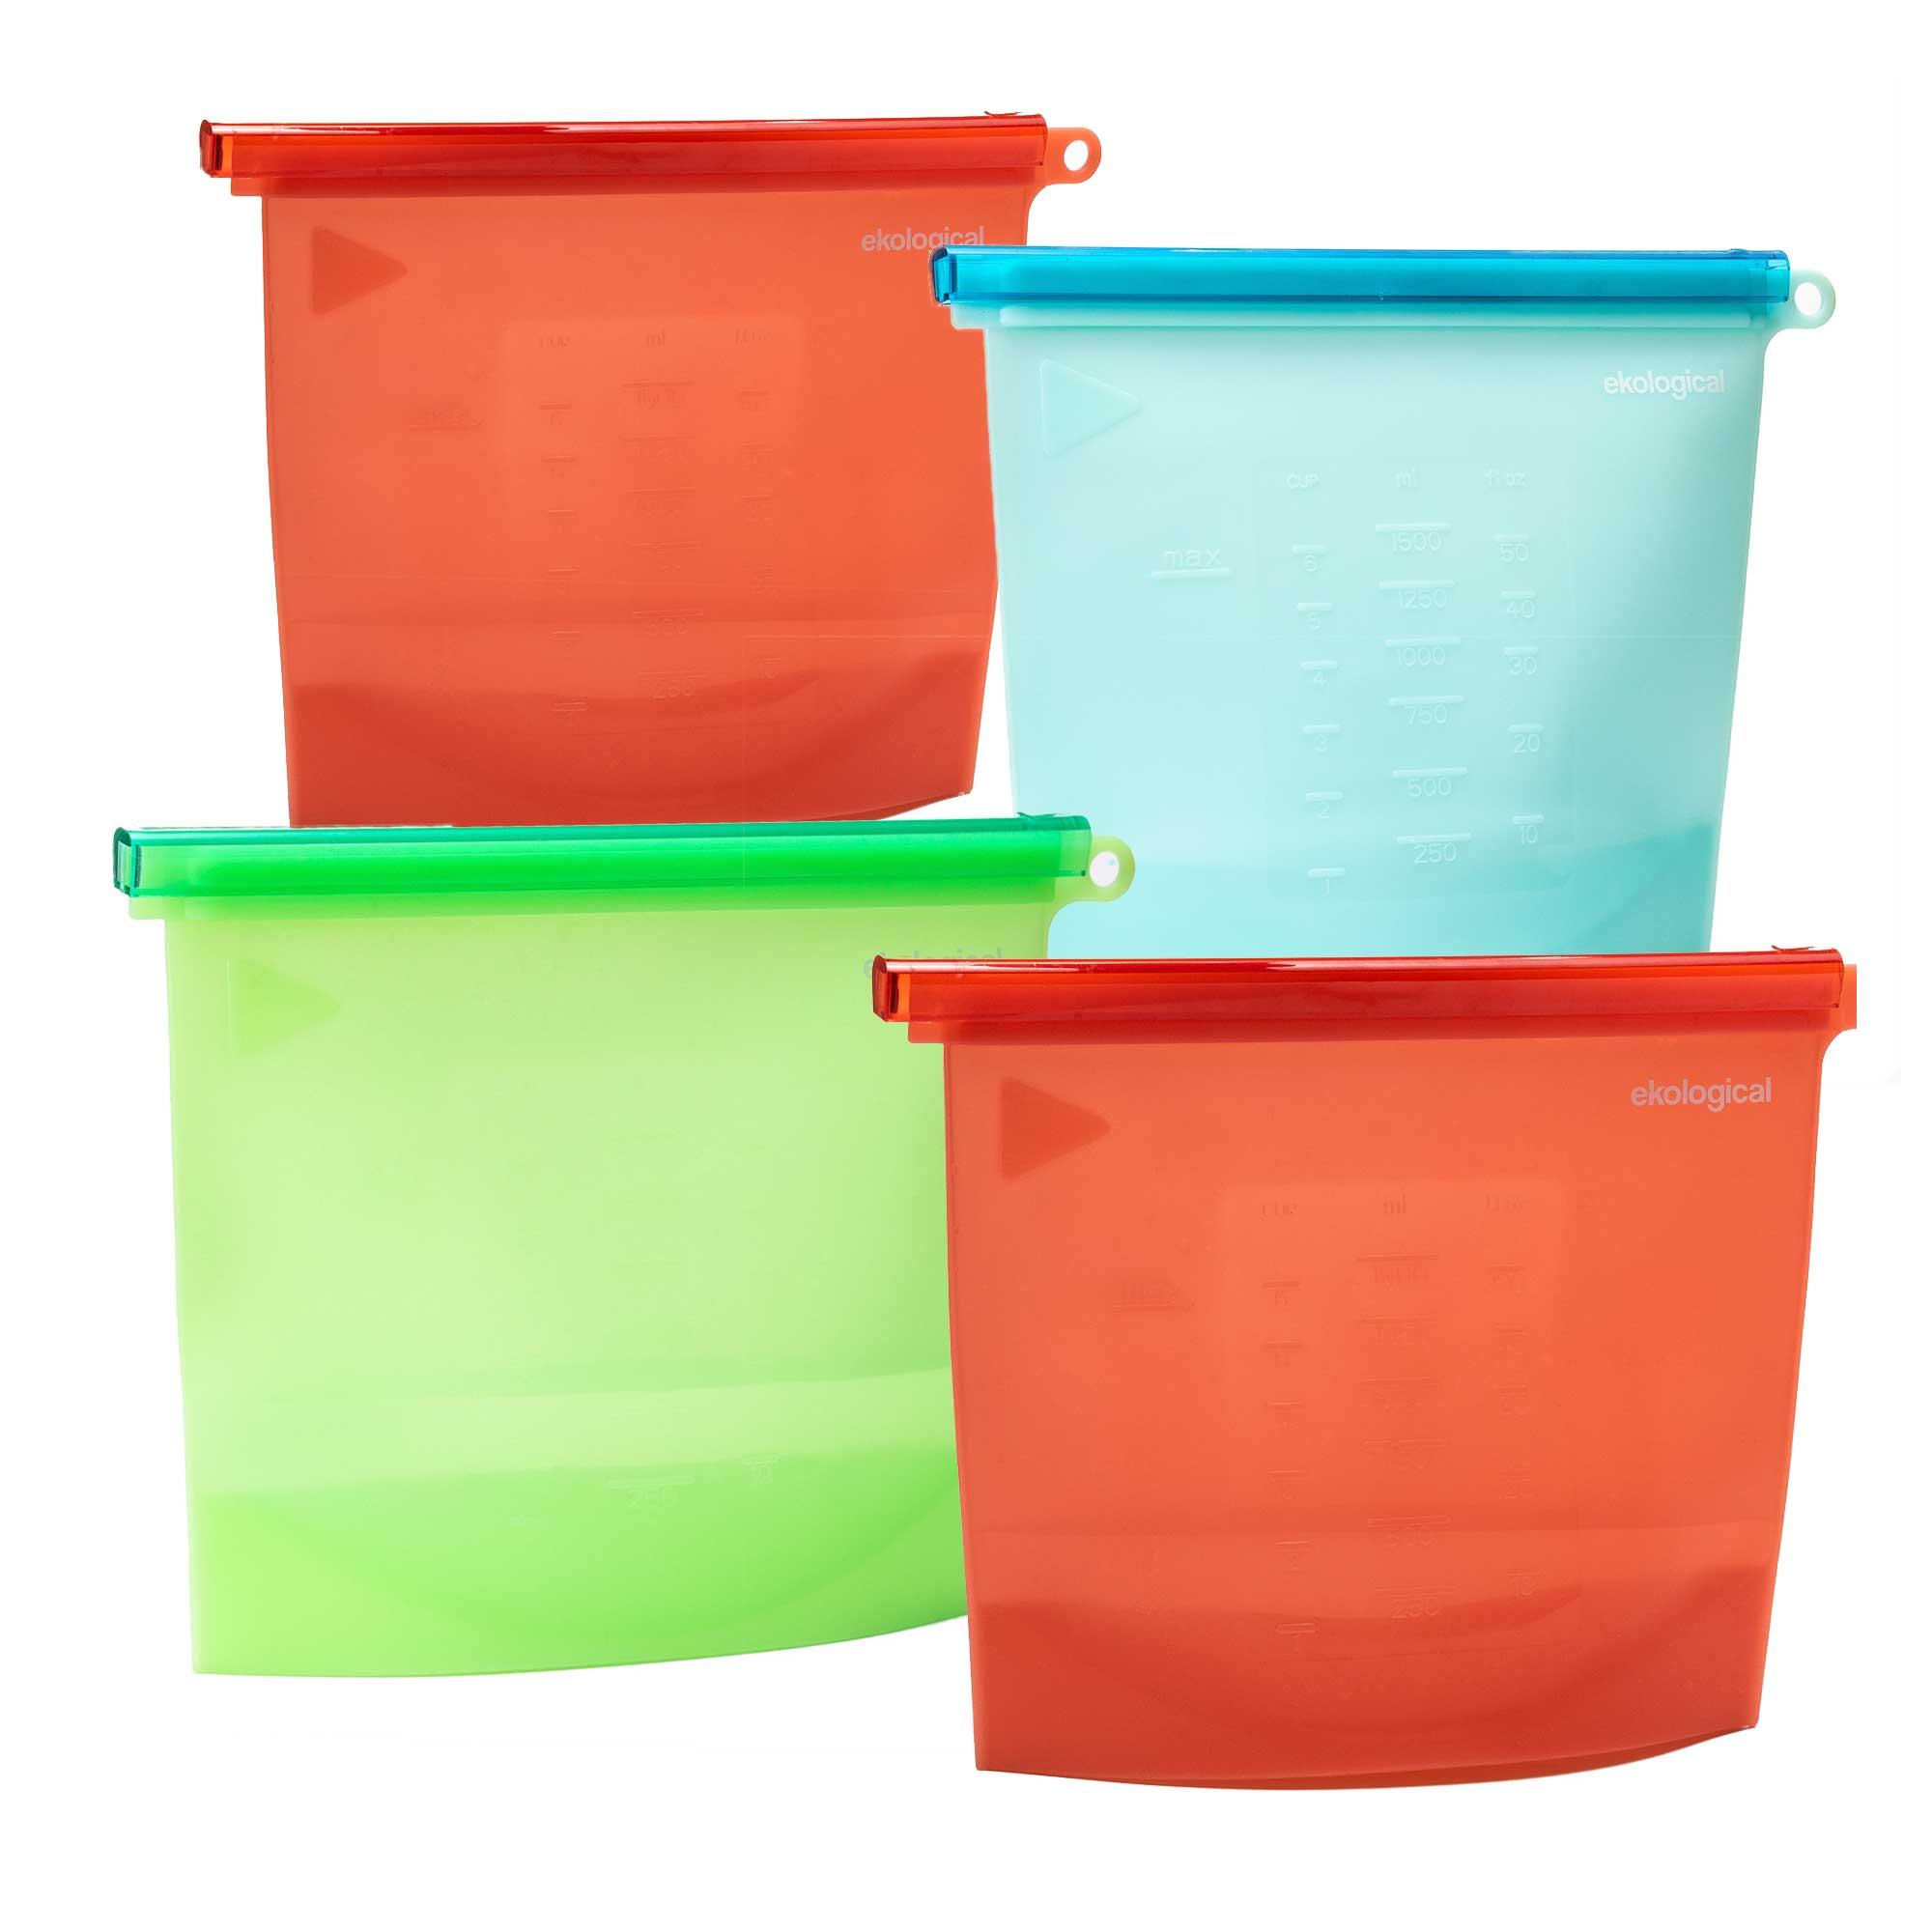 Kit 4 Sacos de Silicone Reutilizável ( 2 de 1000ml e 2 de 1500 ml)